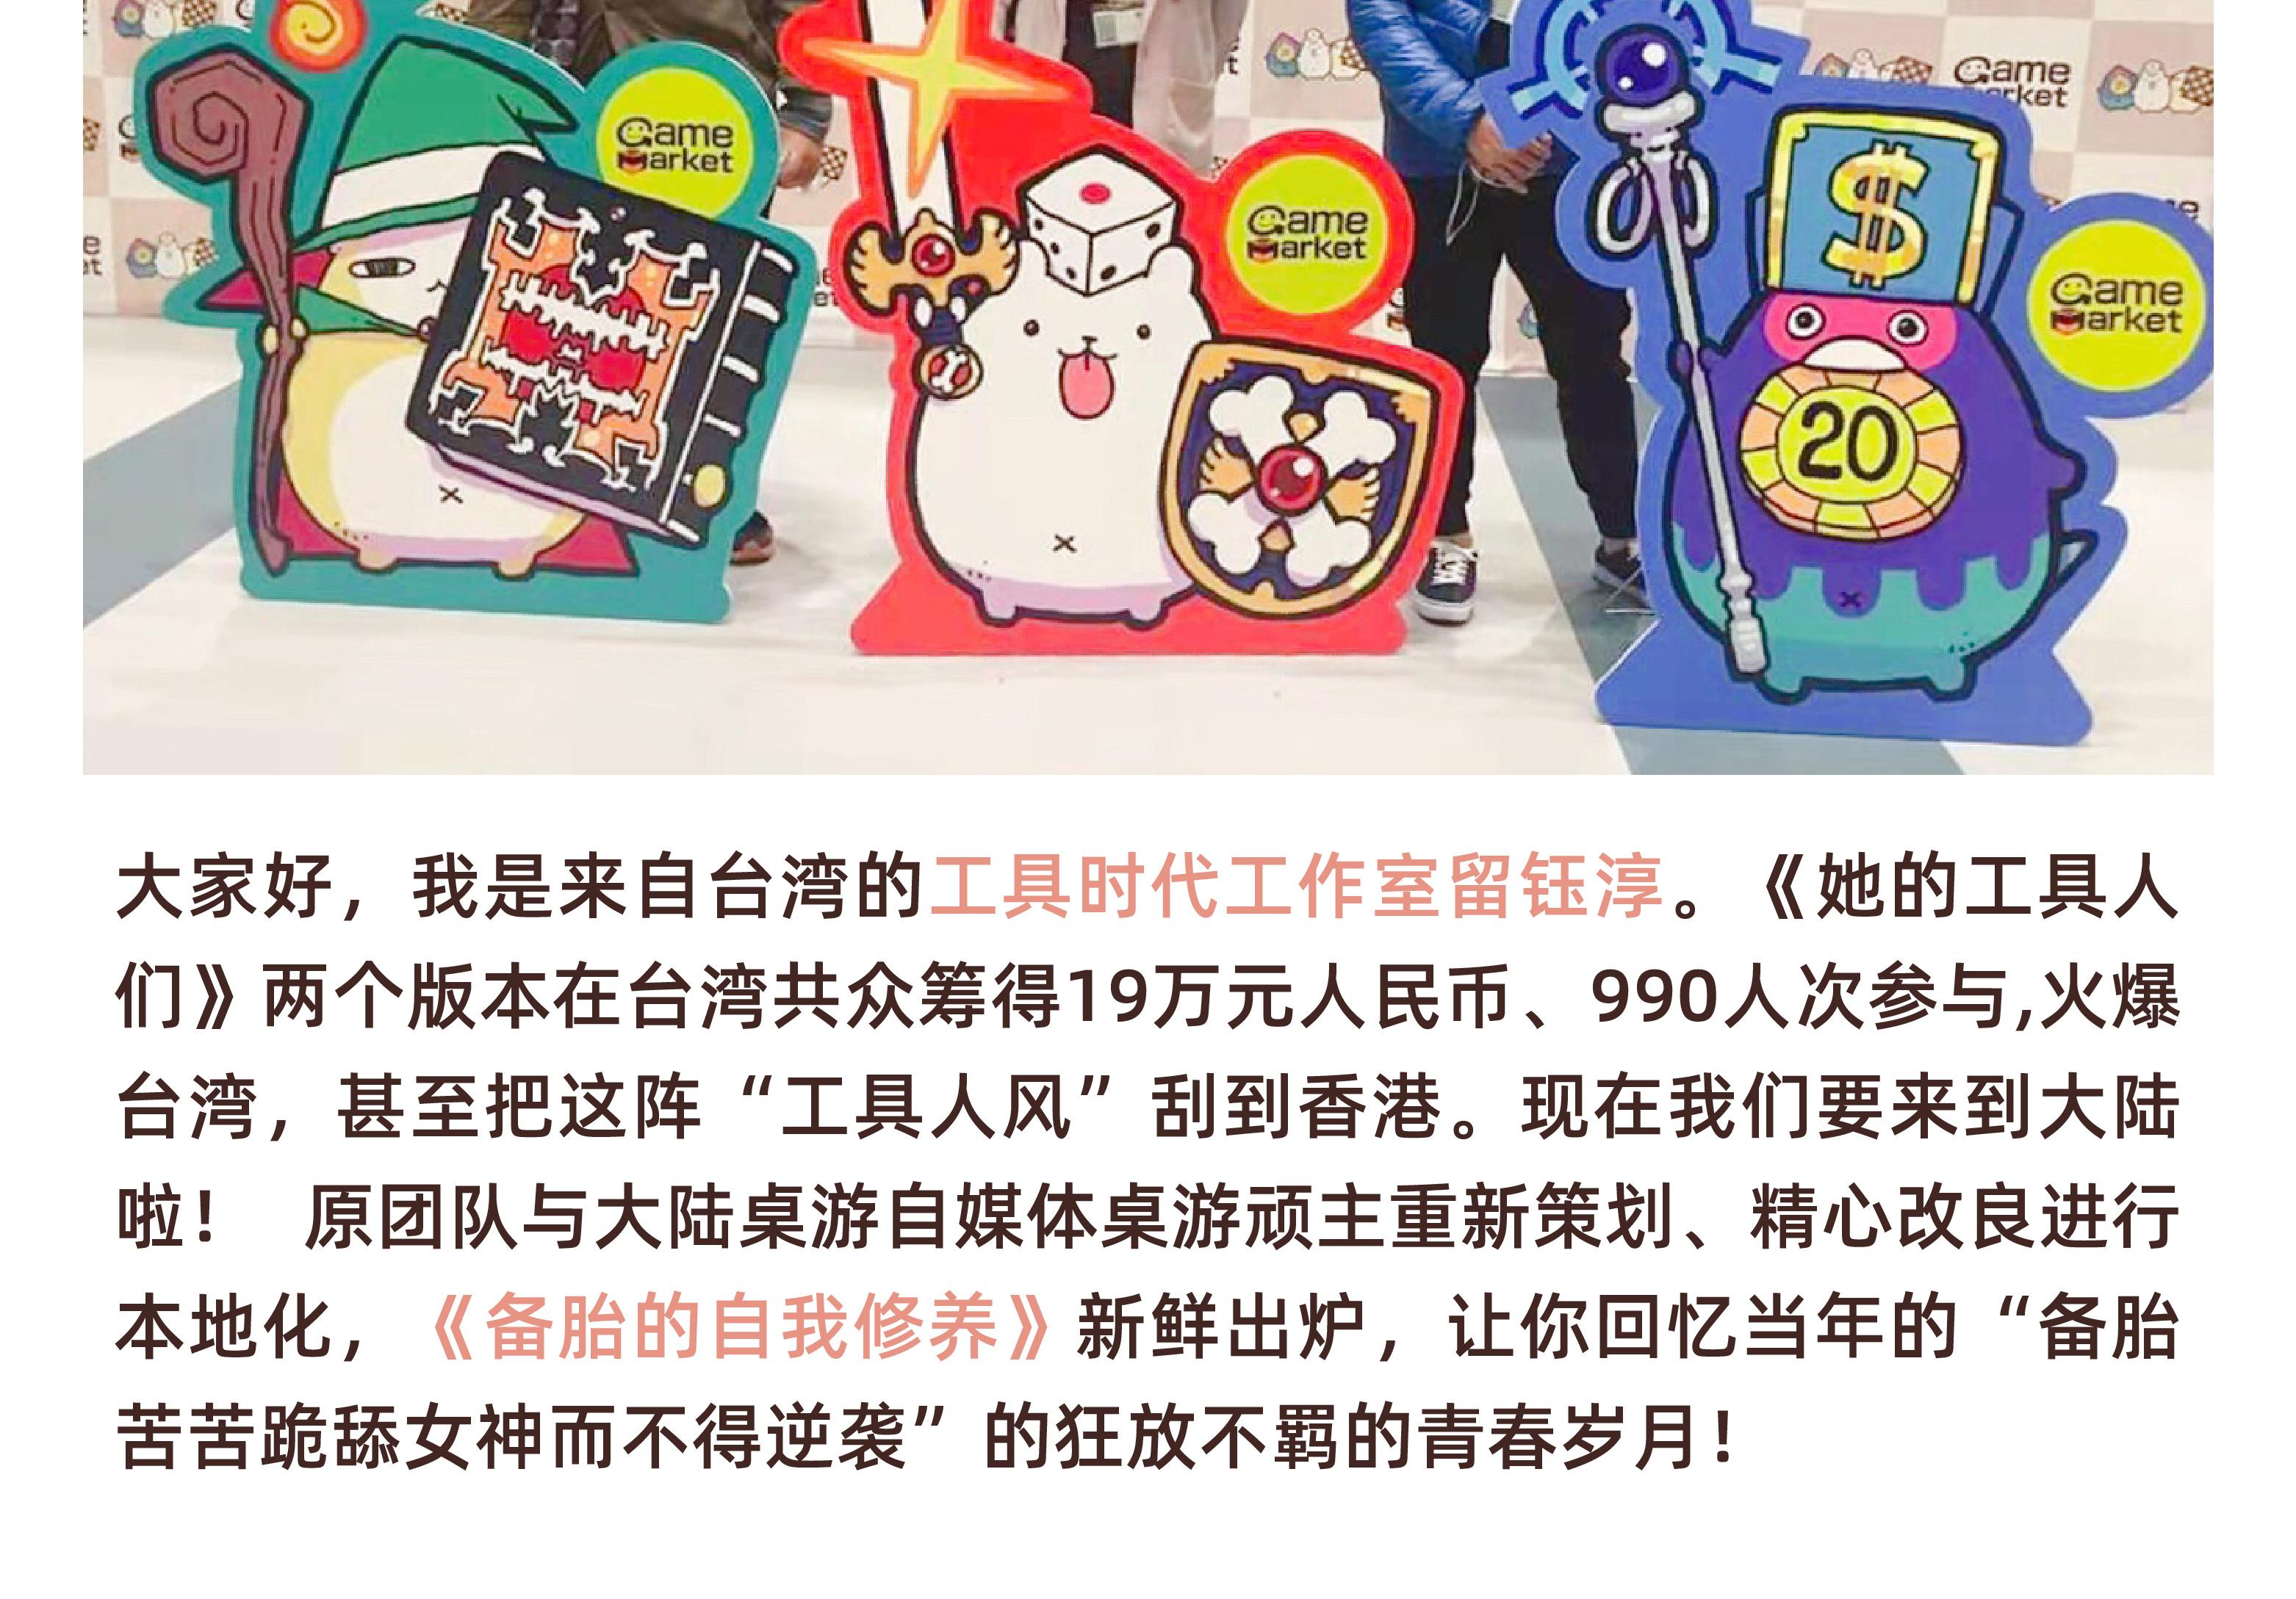 20190904-众筹封面-详情_画板-1_07.jpg